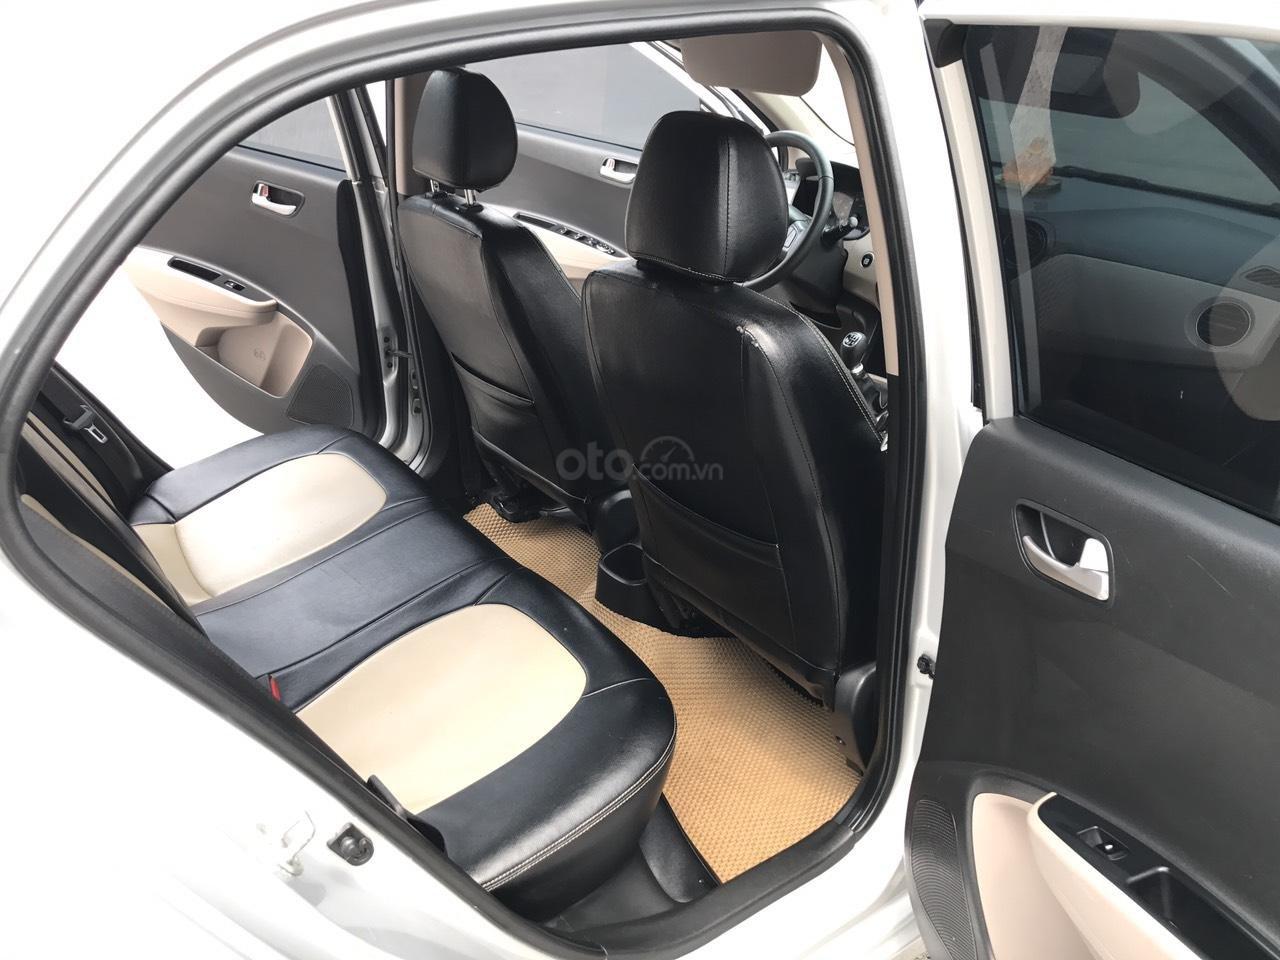 Cần bán xe Hyundai Grand i10 1.2 Sport 2016, màu bạc, nhập khẩu, siêu lướt-19